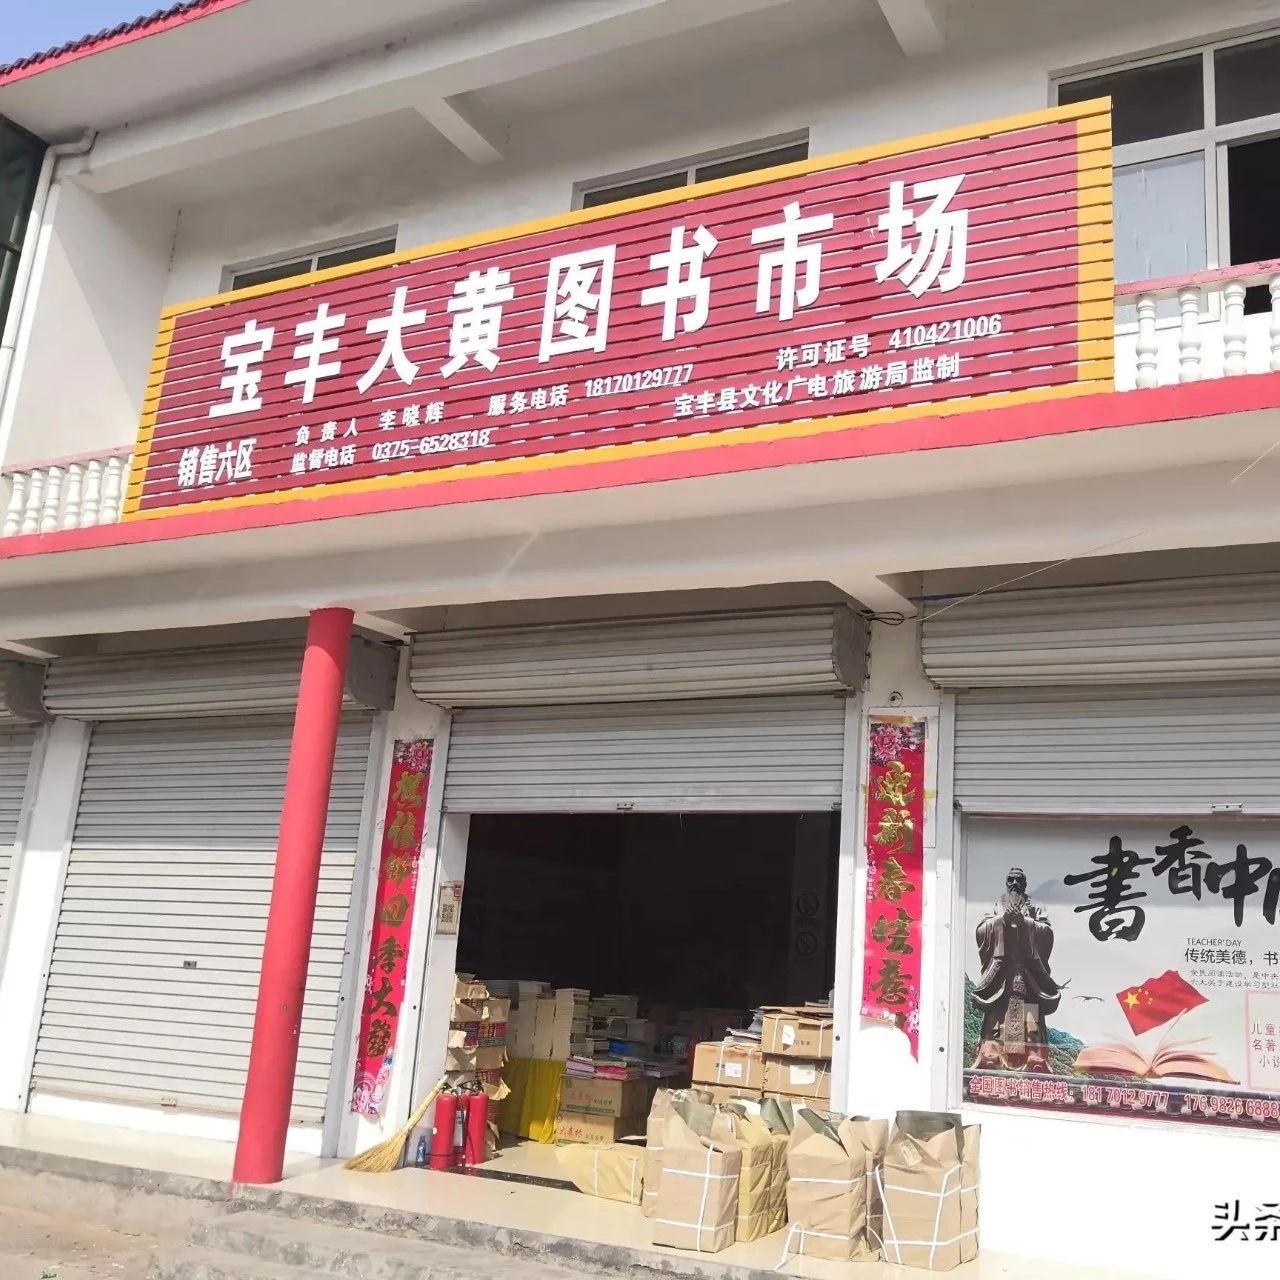 """为图书市场的繁荣发展保驾护航-宝丰县赵庄镇""""扫黄打非""""工作常抓不懈"""